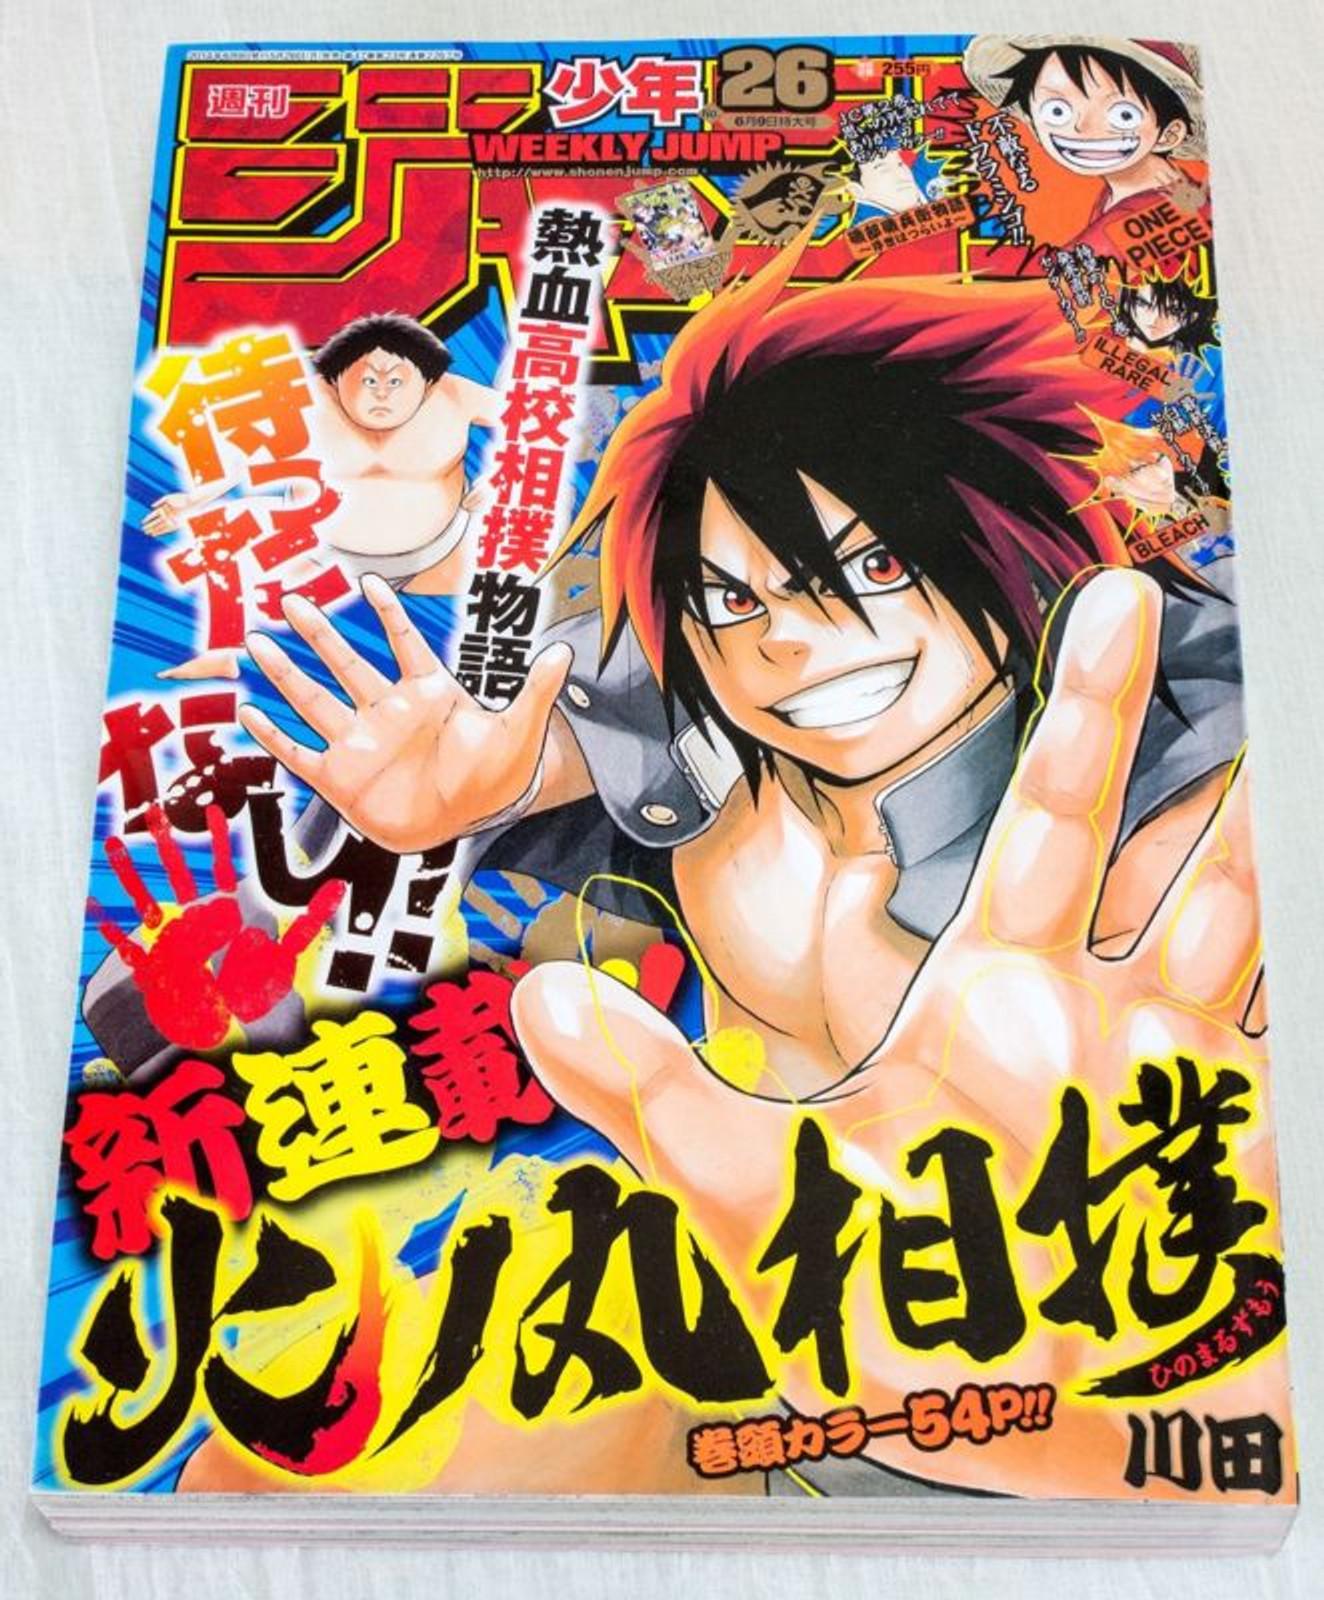 Weekly Shonen JUMP  Vol.26 2014 Hinomaru Zumo / Japanese Magazine JAPAN MANGA